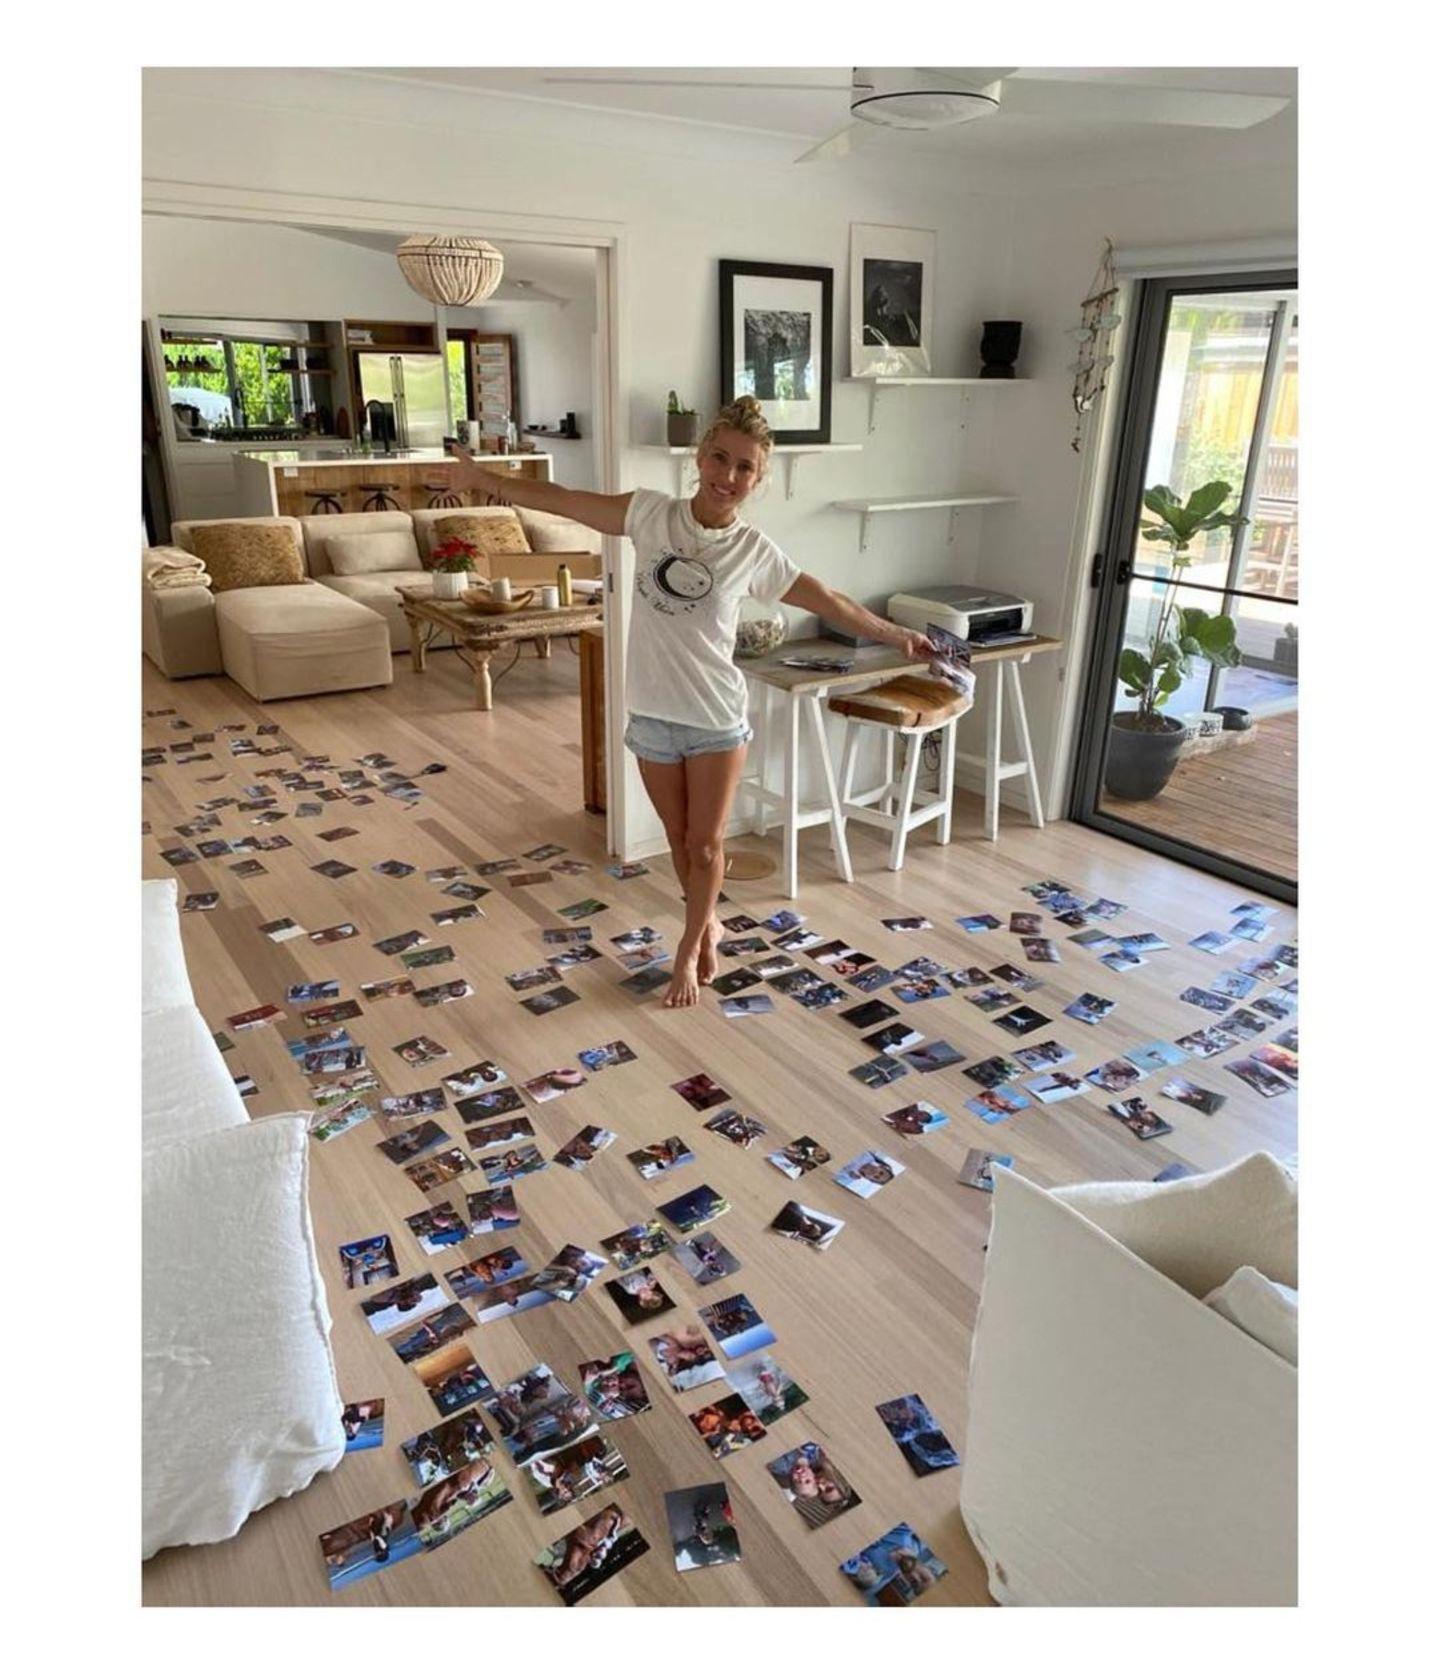 Elsa Pataky und Chris Hemsworth halten ihr Privatleben gerne für sich, einen kurzen Blick hinter die Kulissen und hinein in das stylische zu Hause der Familie gewährt die sympathische Schauspielerin dann doch. Beim Sortieren der Bilder gewährtElsa Pataky einen freizügigen Blick in ihr Wohnzimmer. Helle Möbel und viel Licht lassen das Zimmer modern und gemütlich zugleich wirken.